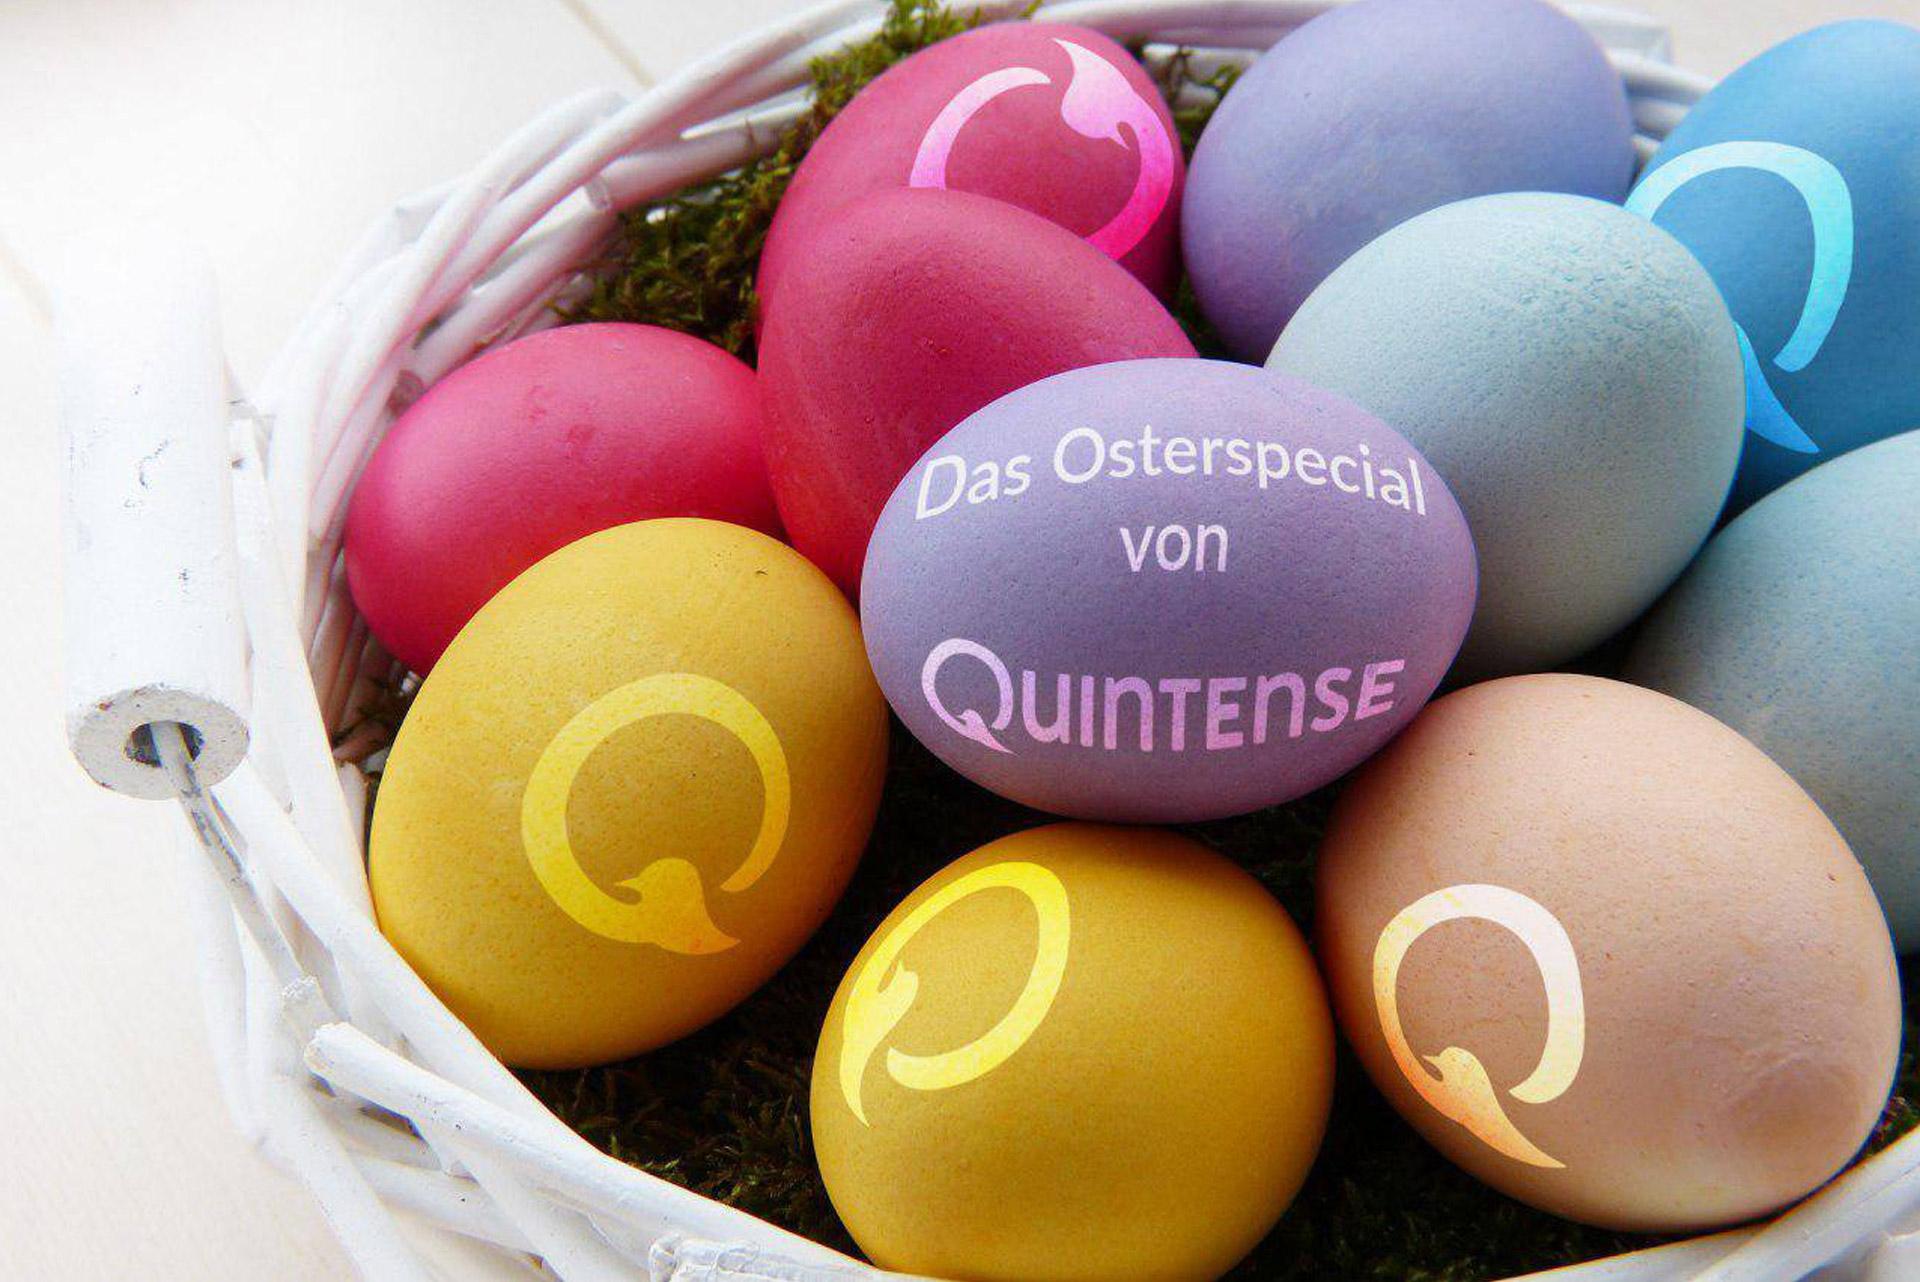 Oster - 2019 - Quintense